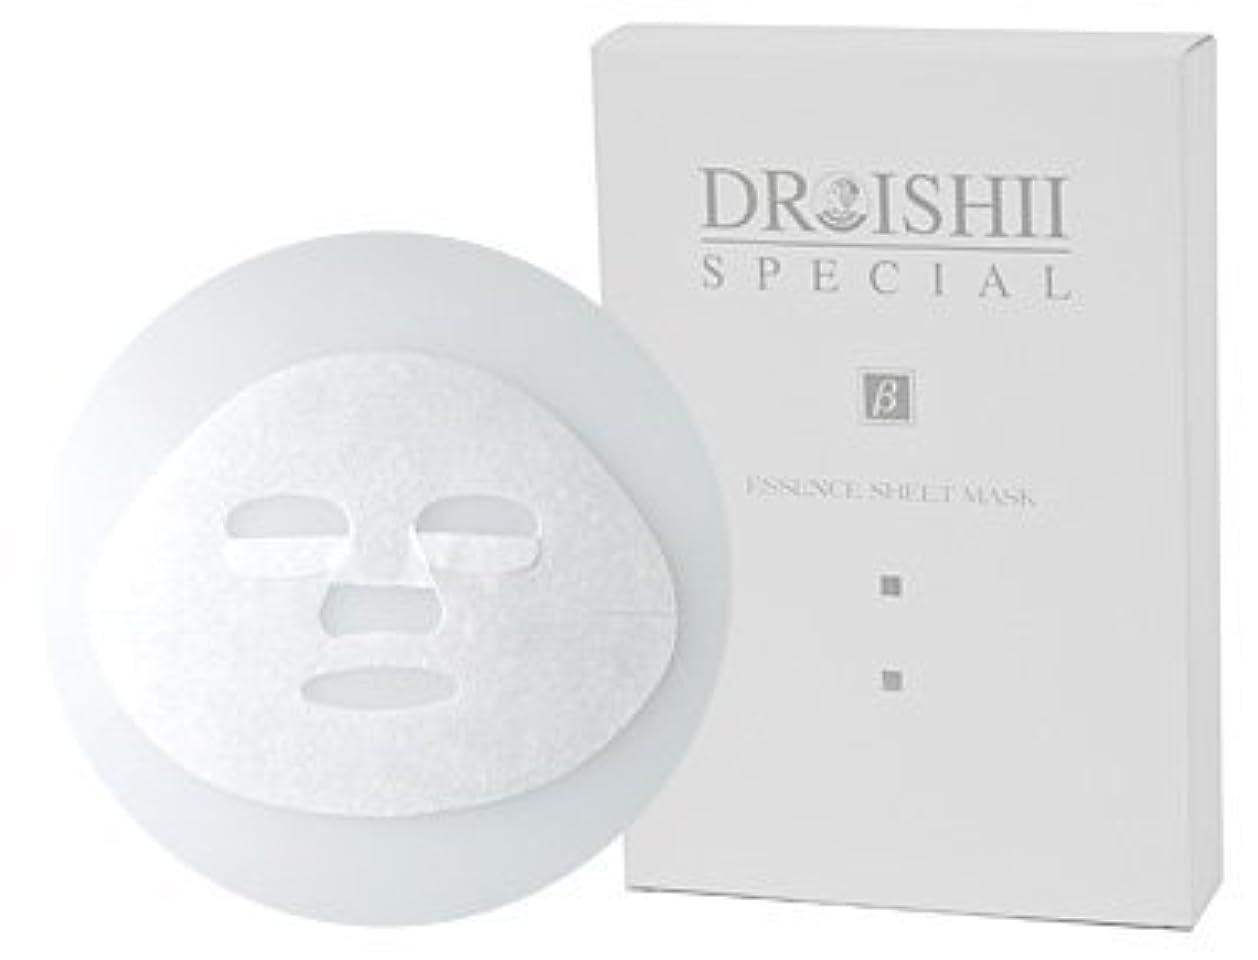 うま最大おしゃれなMD化粧品 DR ISHII スペシャルβ エッセンスシートマスク 6枚